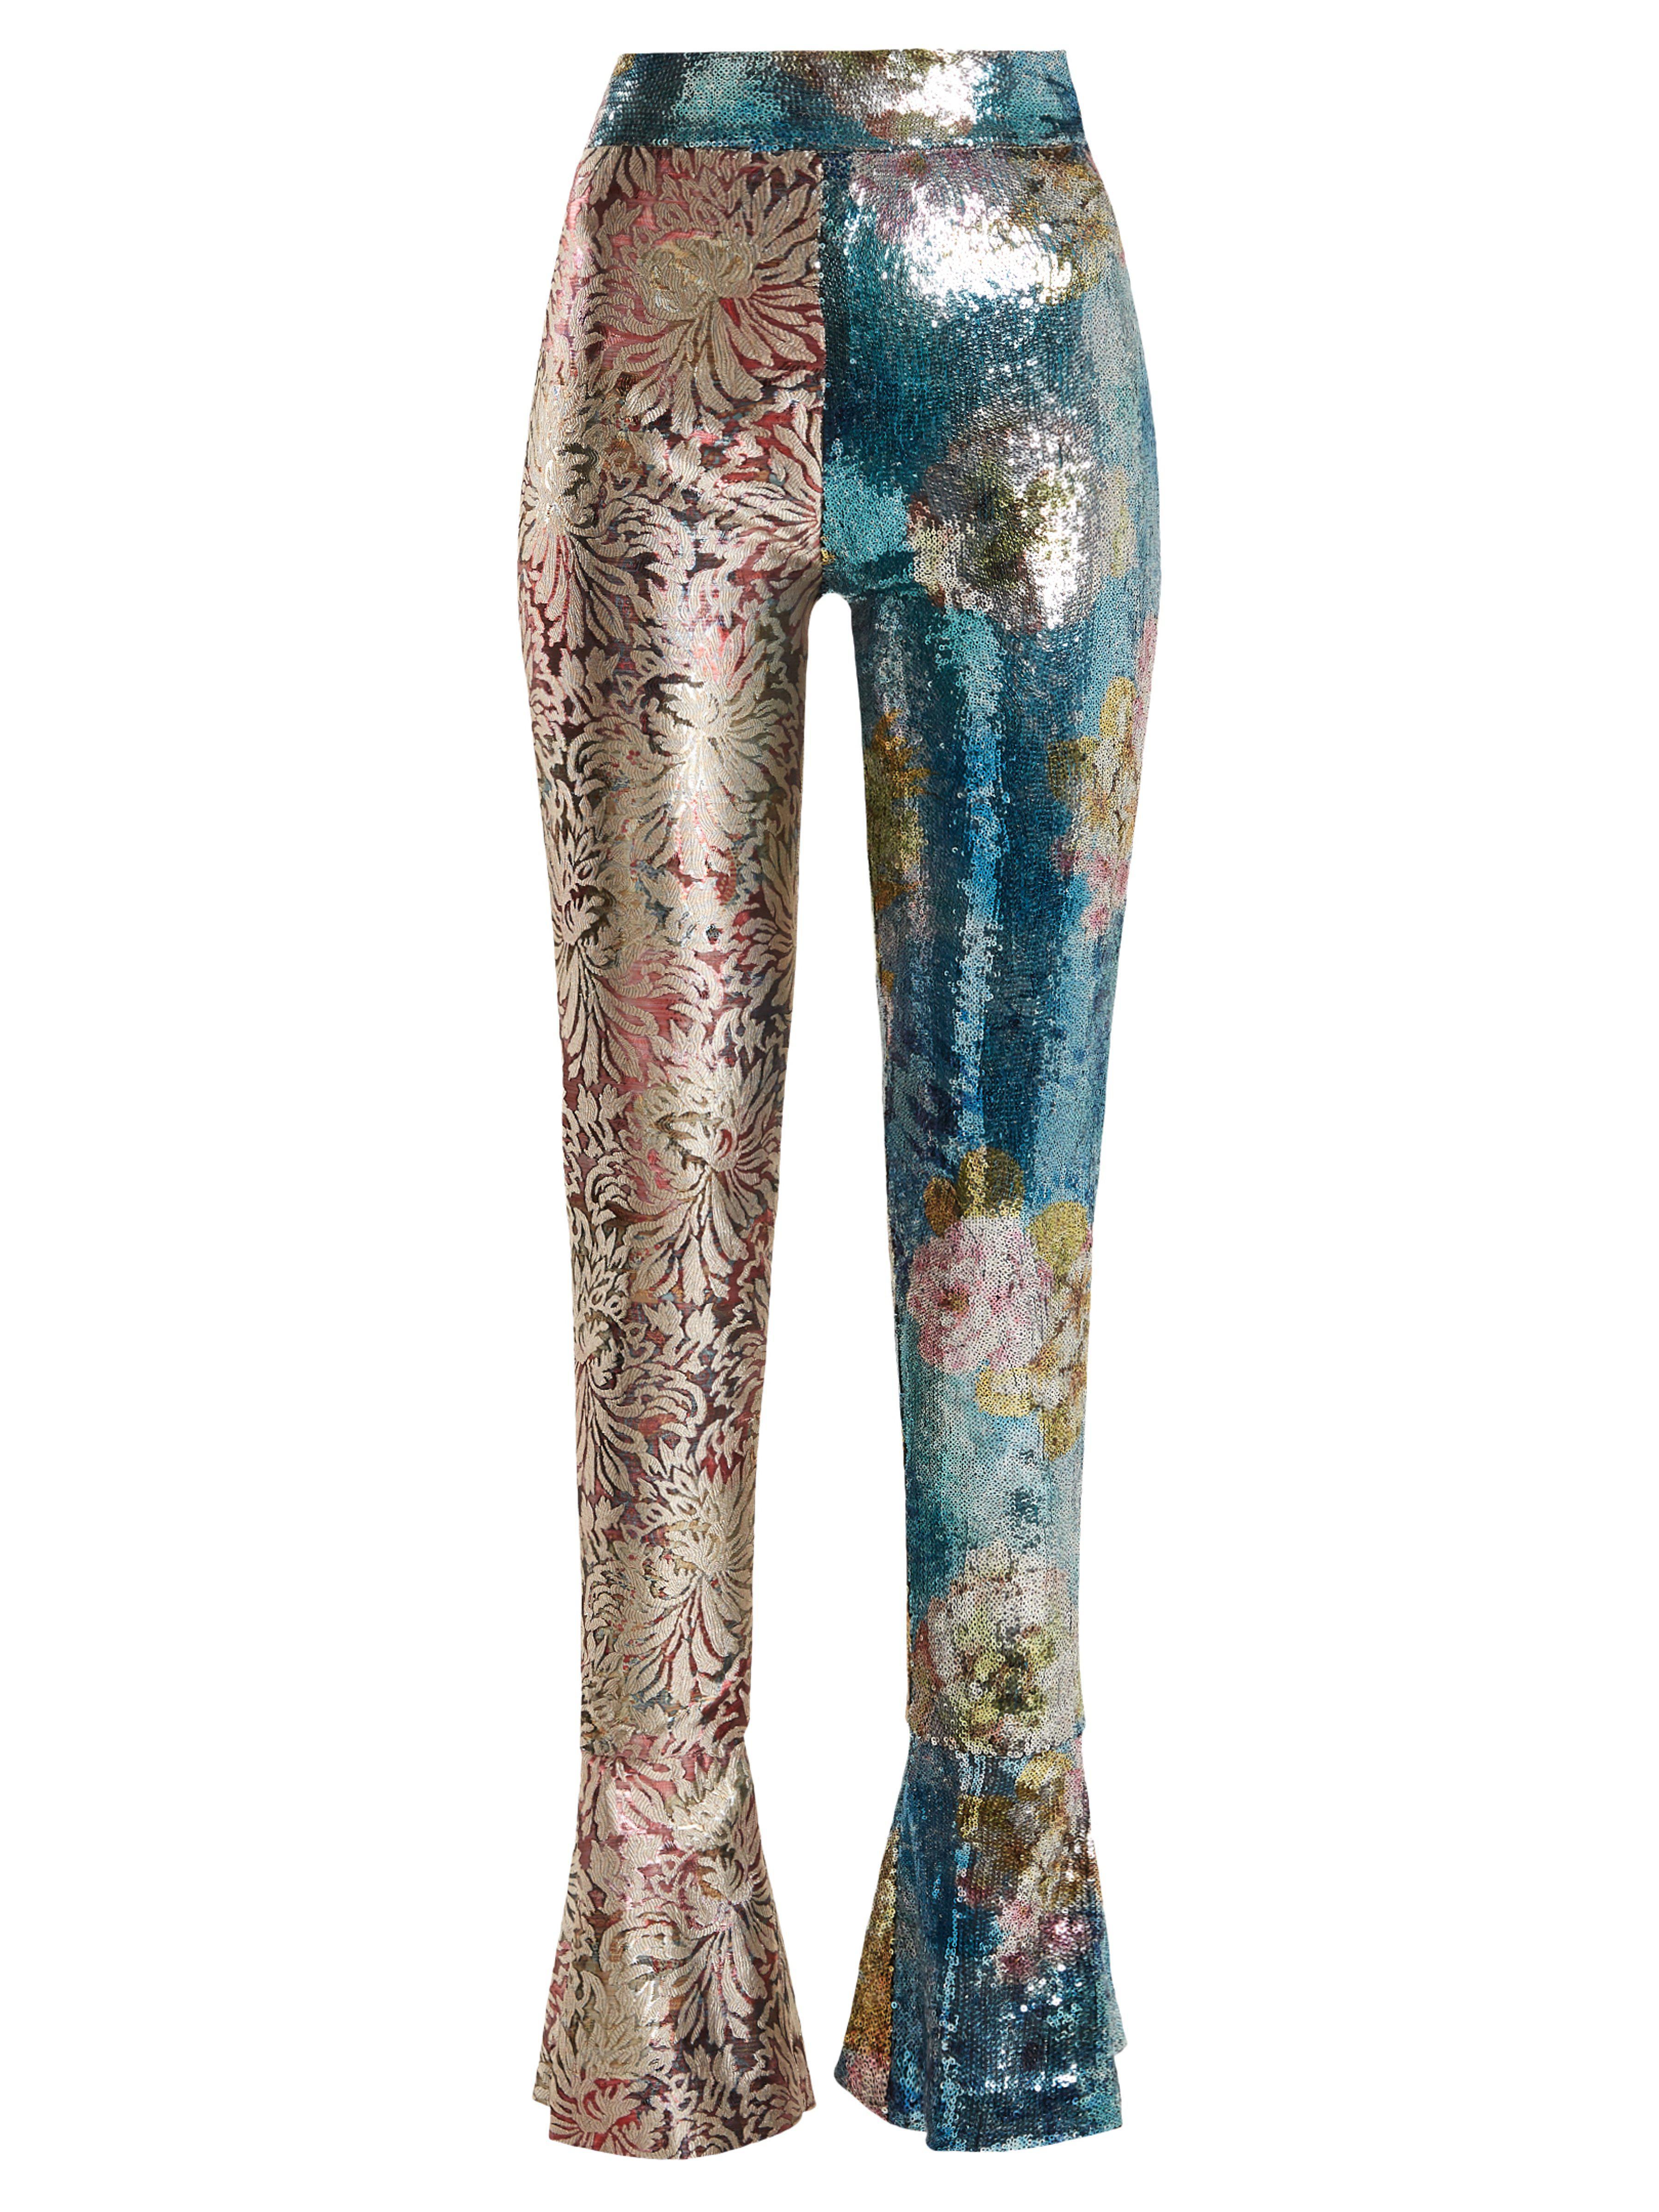 Pantalon De En Haute Sequins Halpern Ajusté Taille Orné Lyst yOPnv0Nwm8